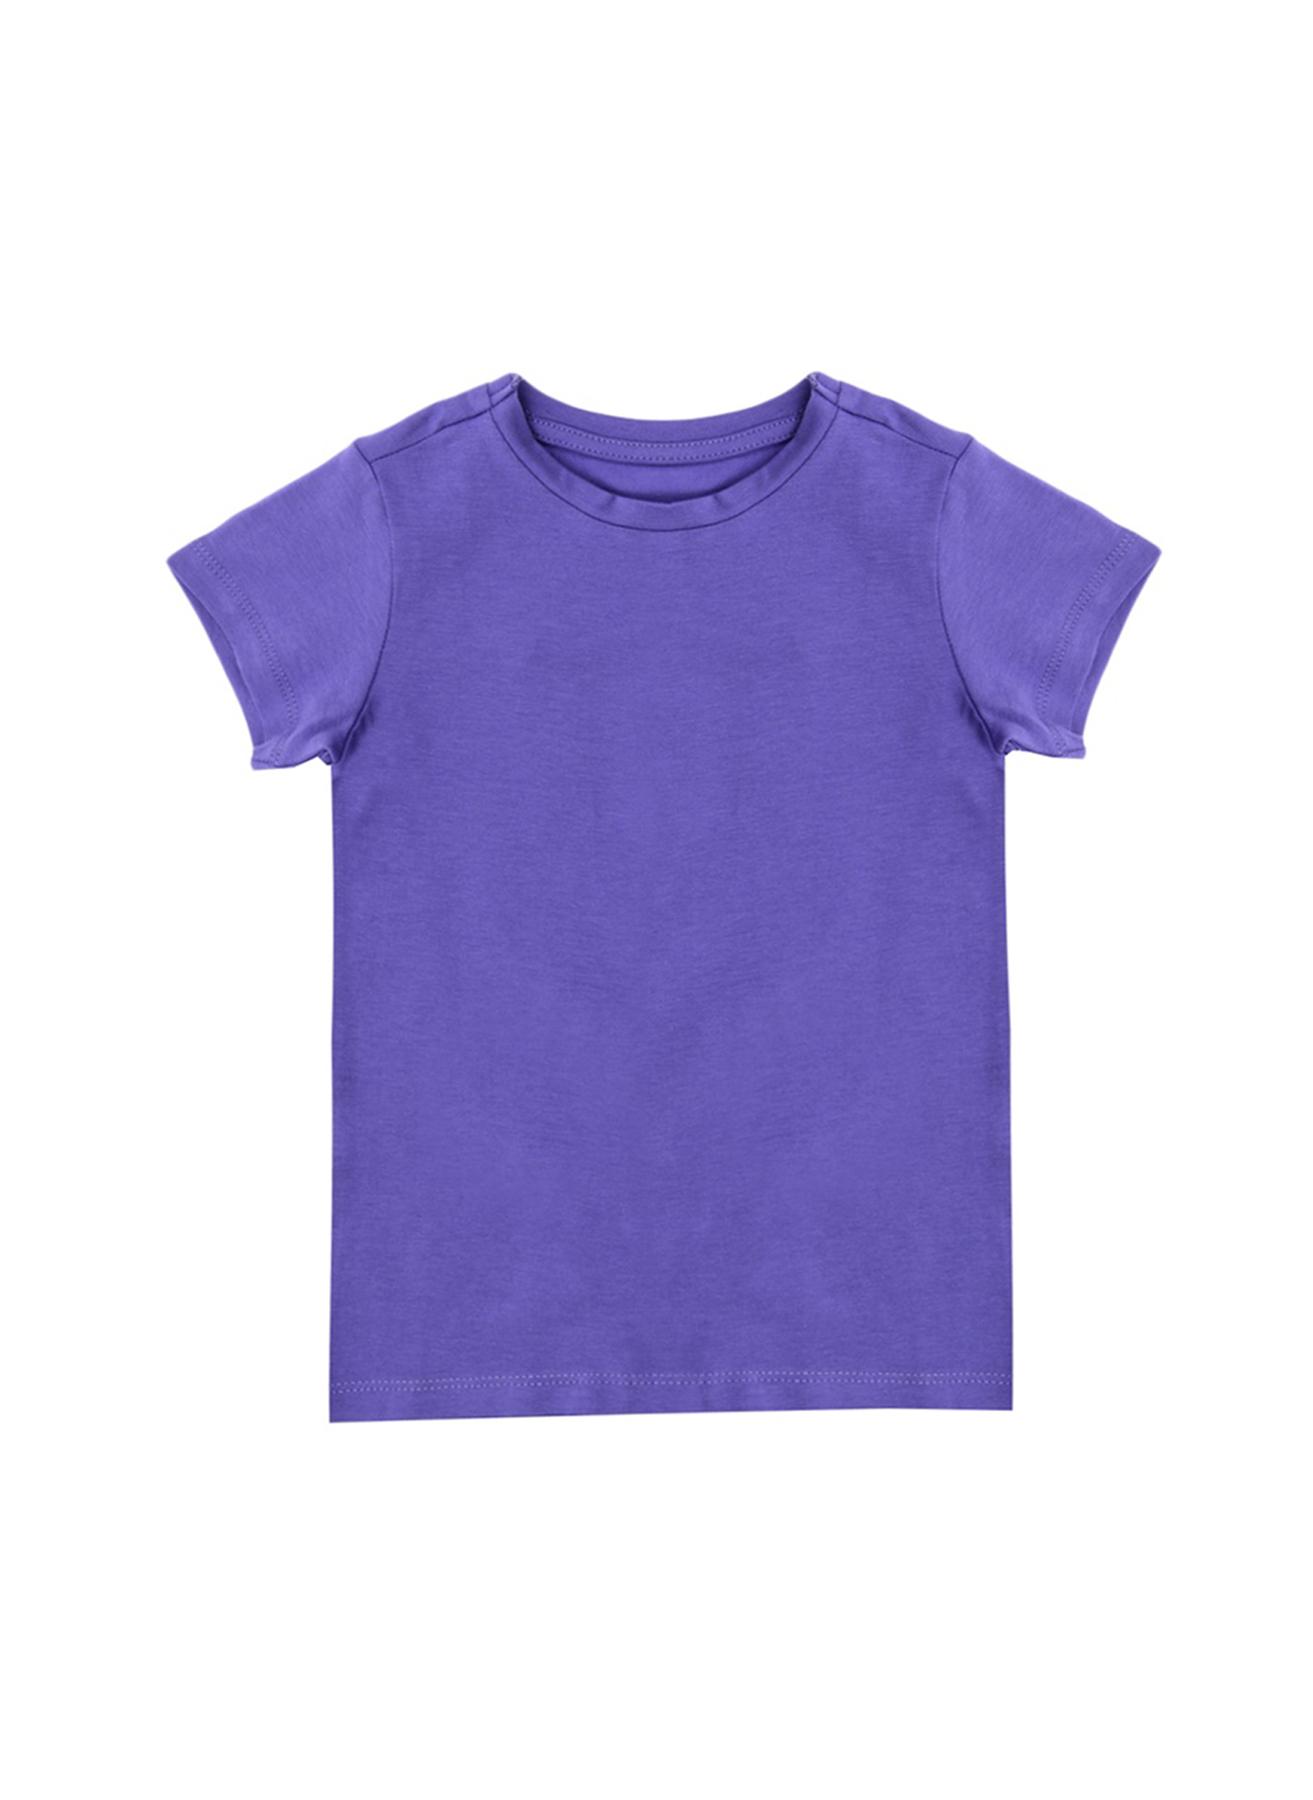 Limon T-Shirt 4 Yaş 5000348480002 Ürün Resmi